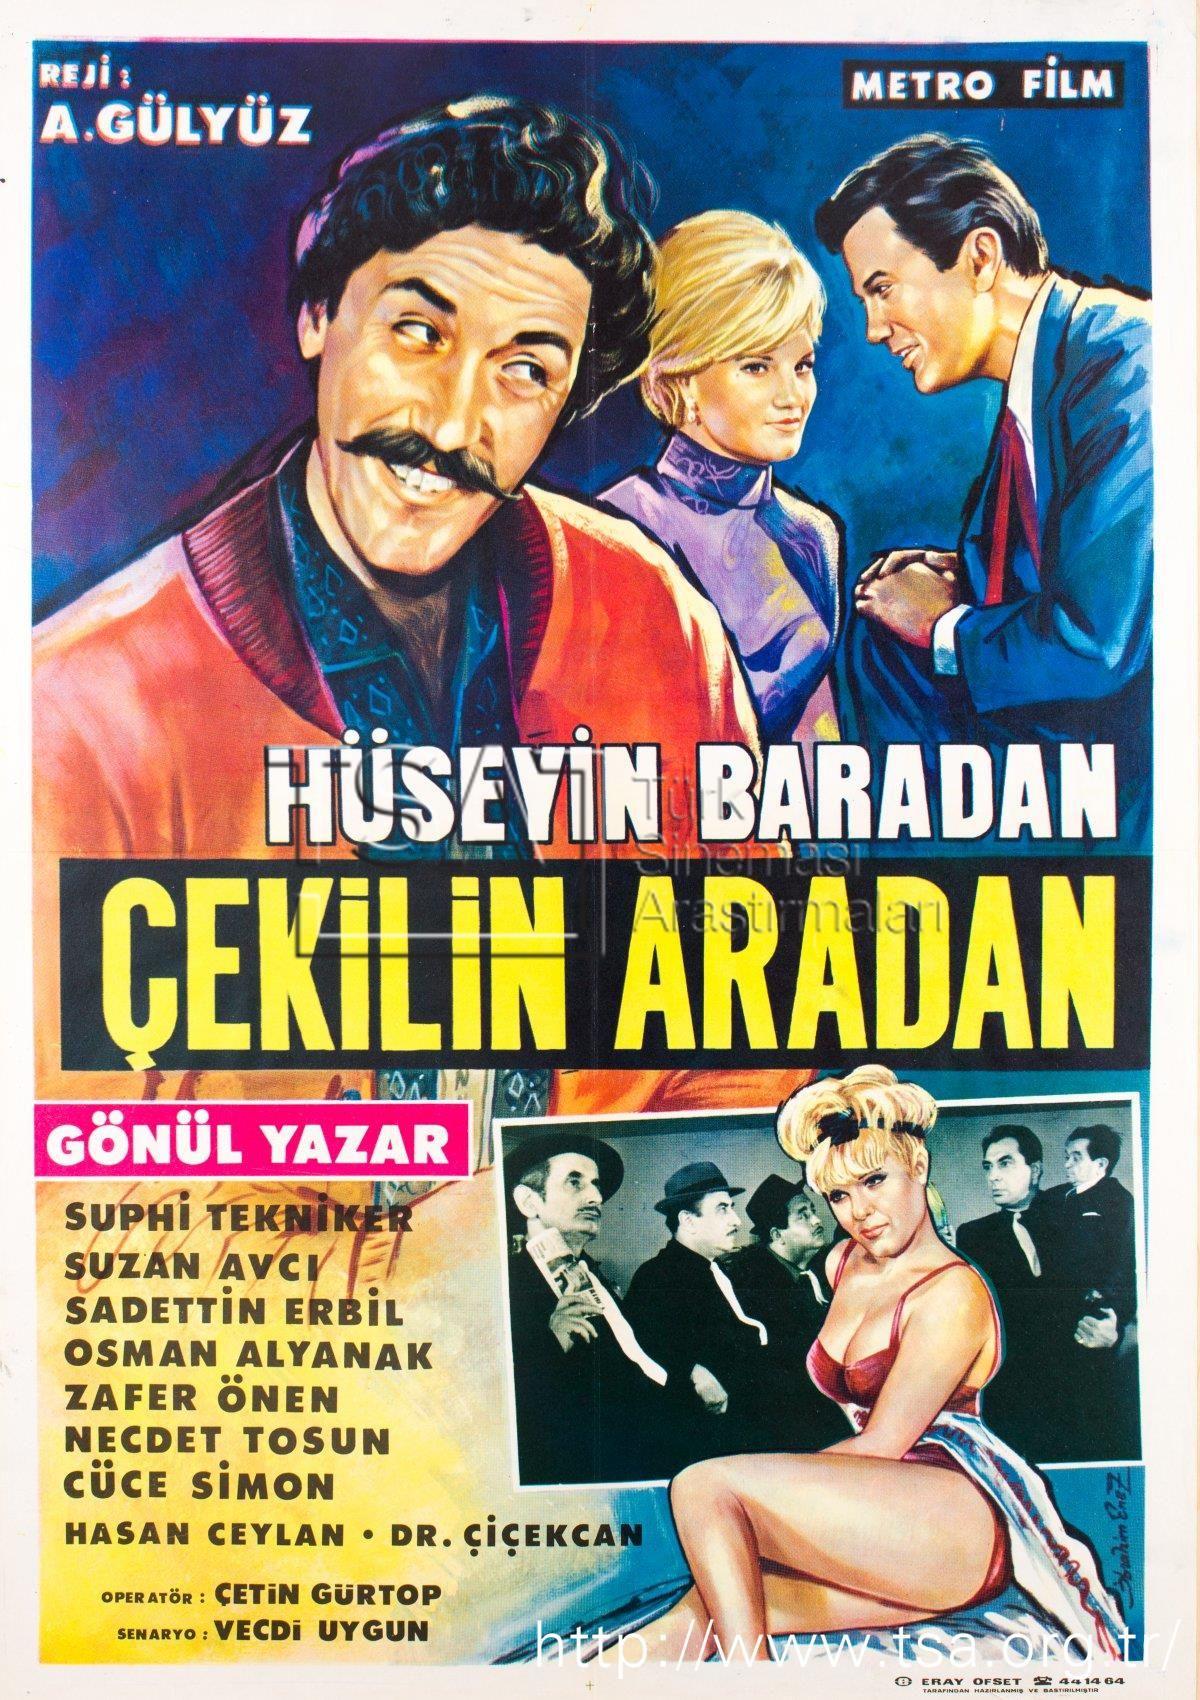 1965 Çekilin aradan Hüseyin Baradan Sinema, Eski film